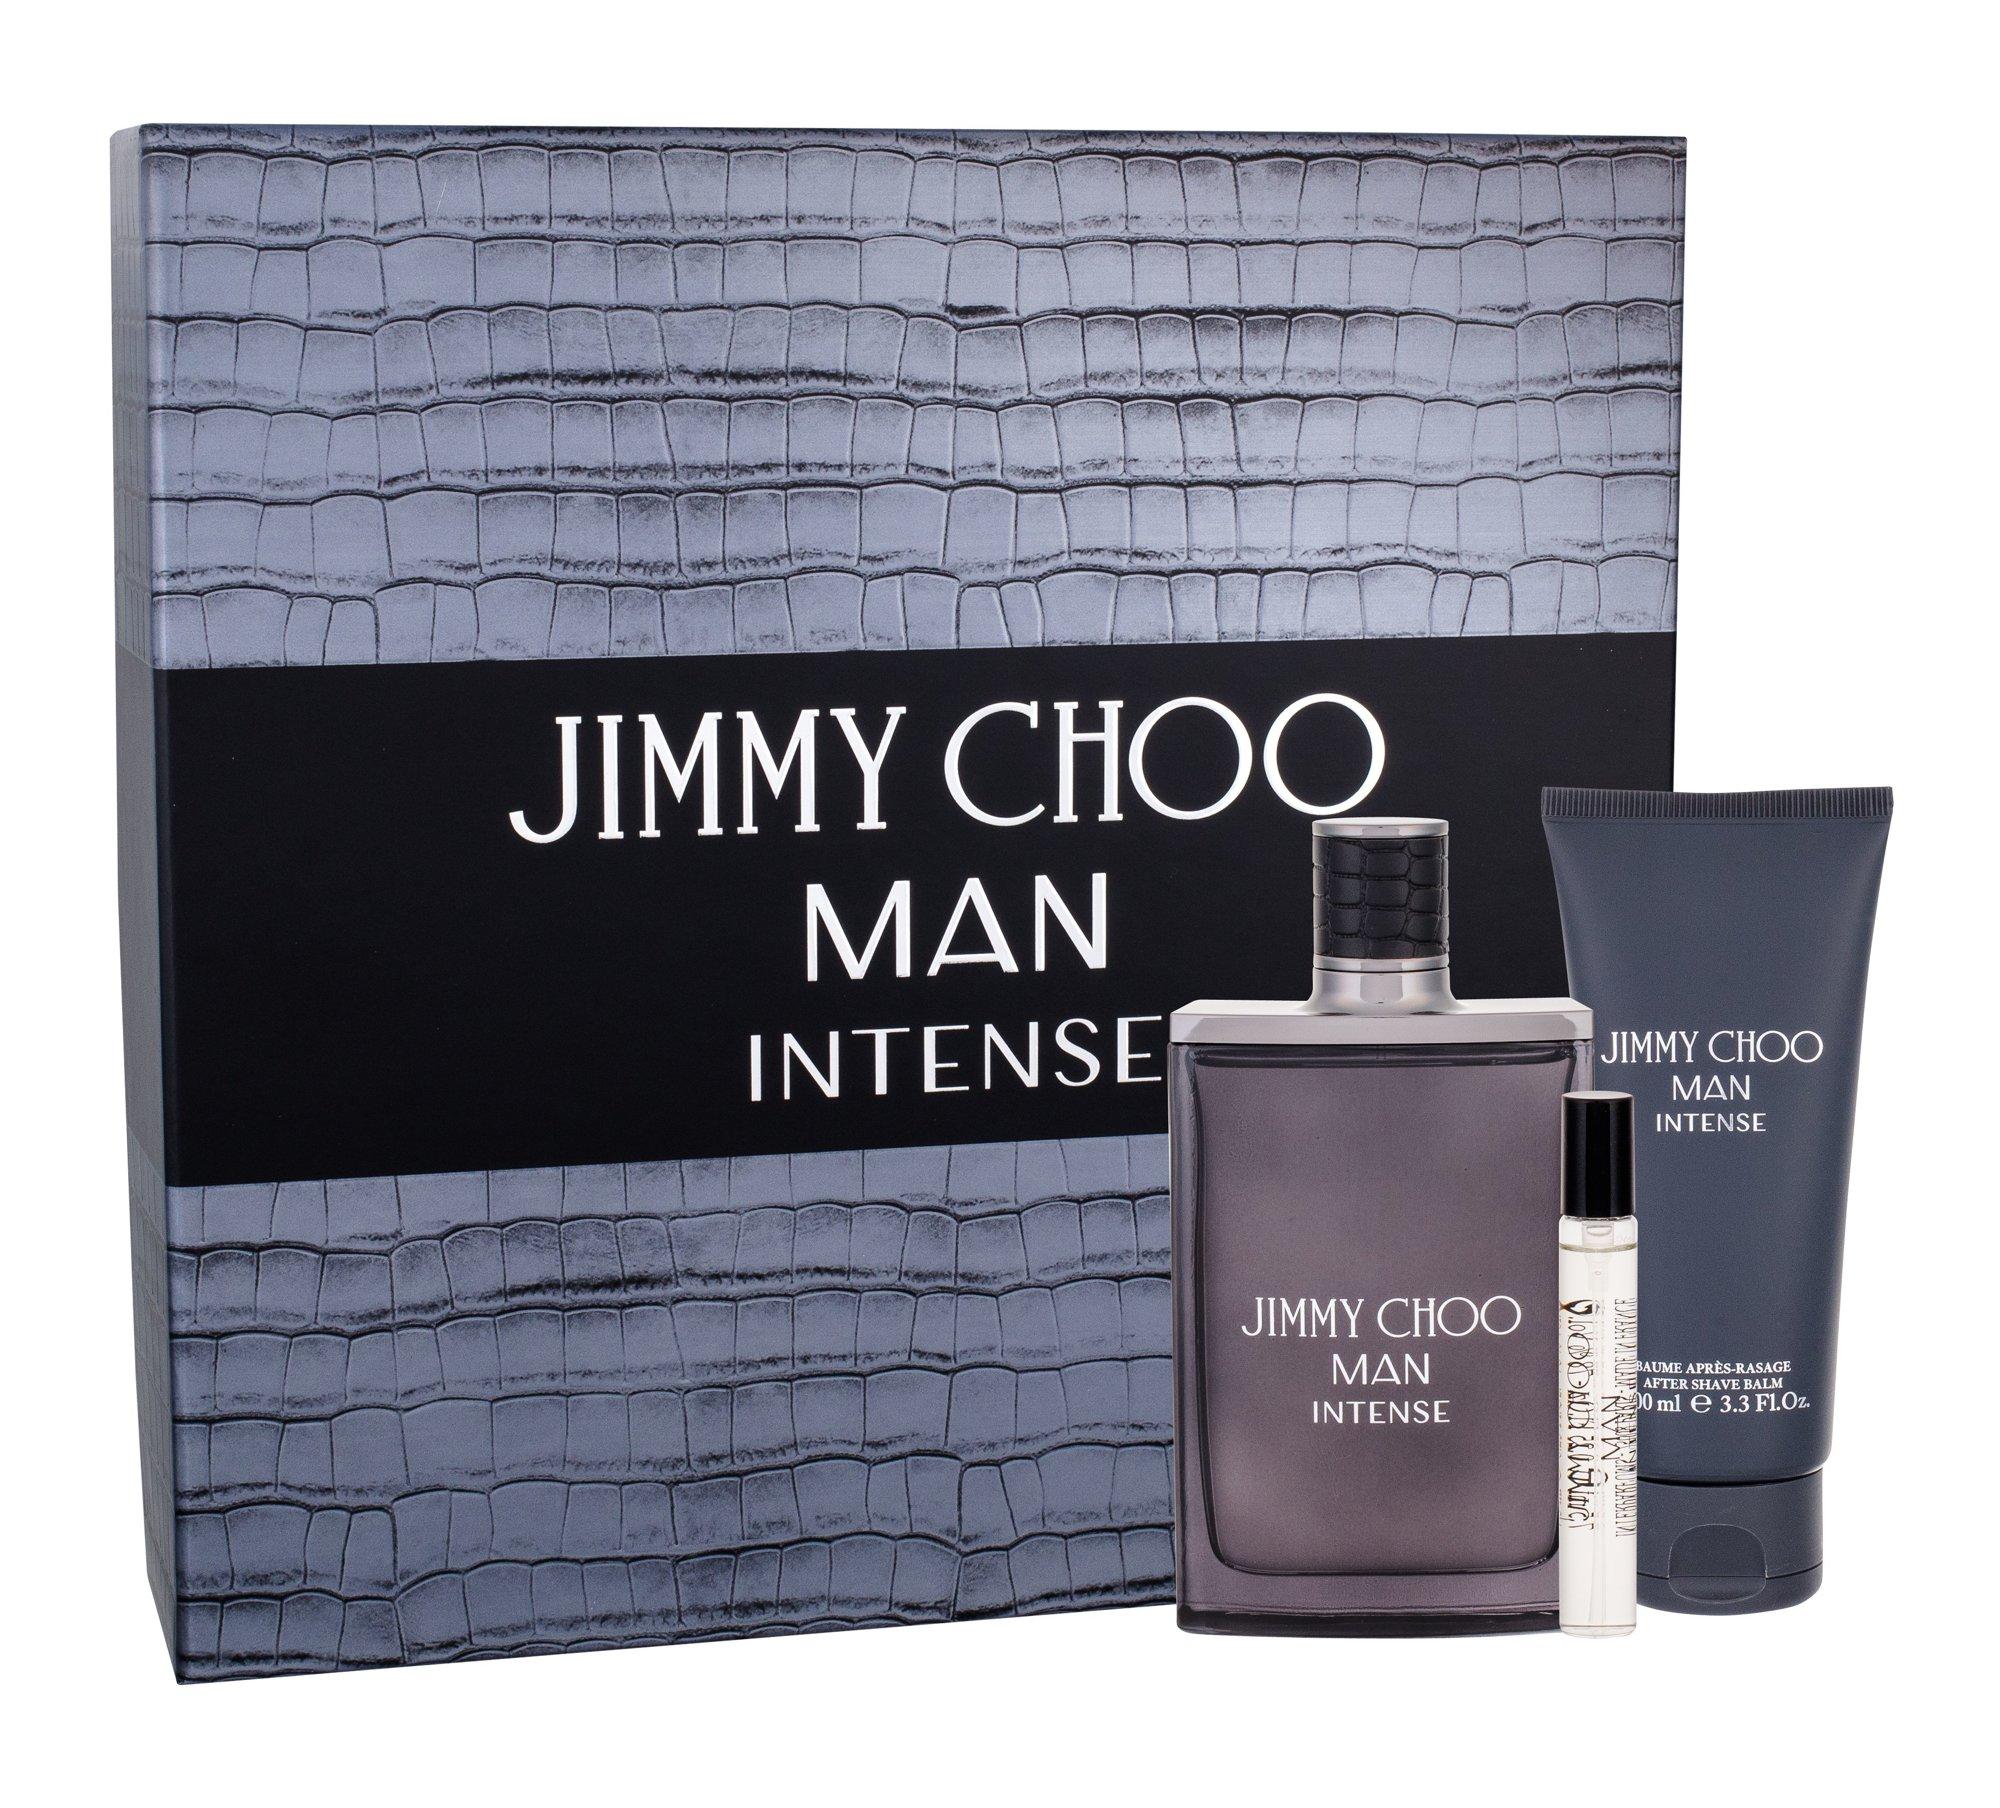 Jimmy Choo Jimmy Choo Man Intense, Toaletní voda 100 ml + Toaletní voda 7,5 ml + Balzám po holení 100 ml